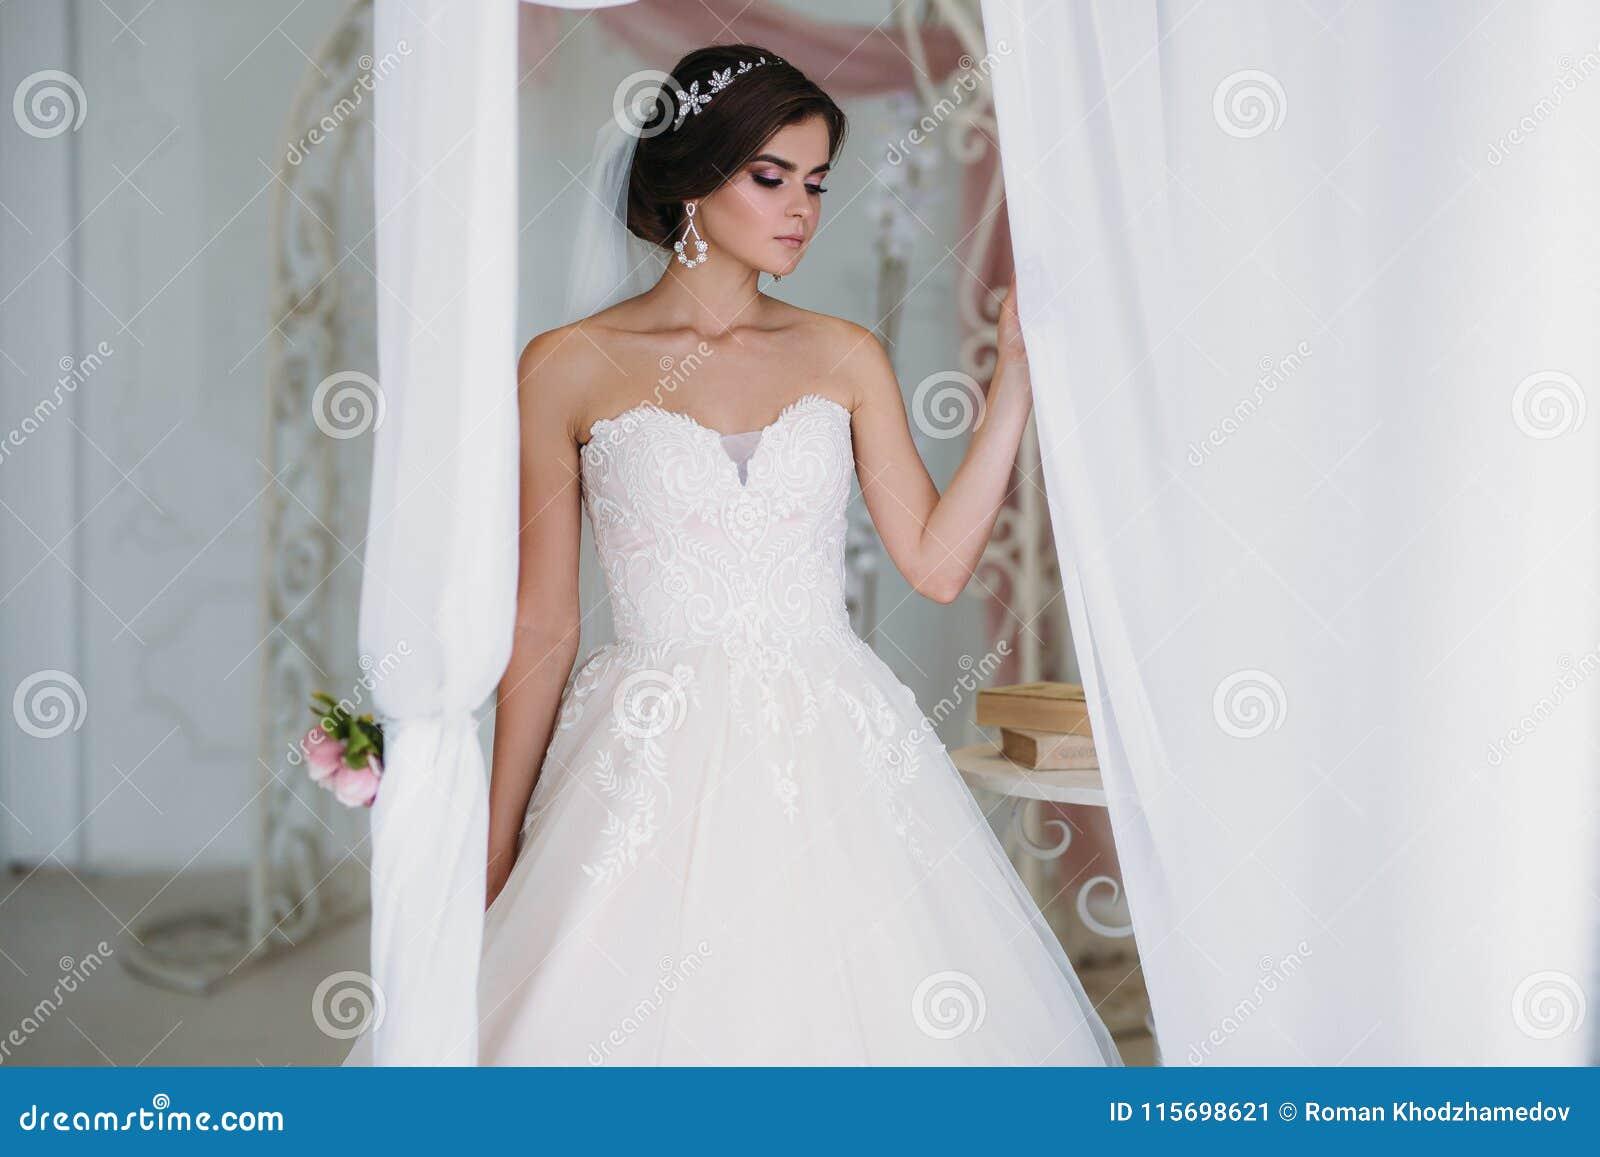 Vestidos de novia boda en la manana